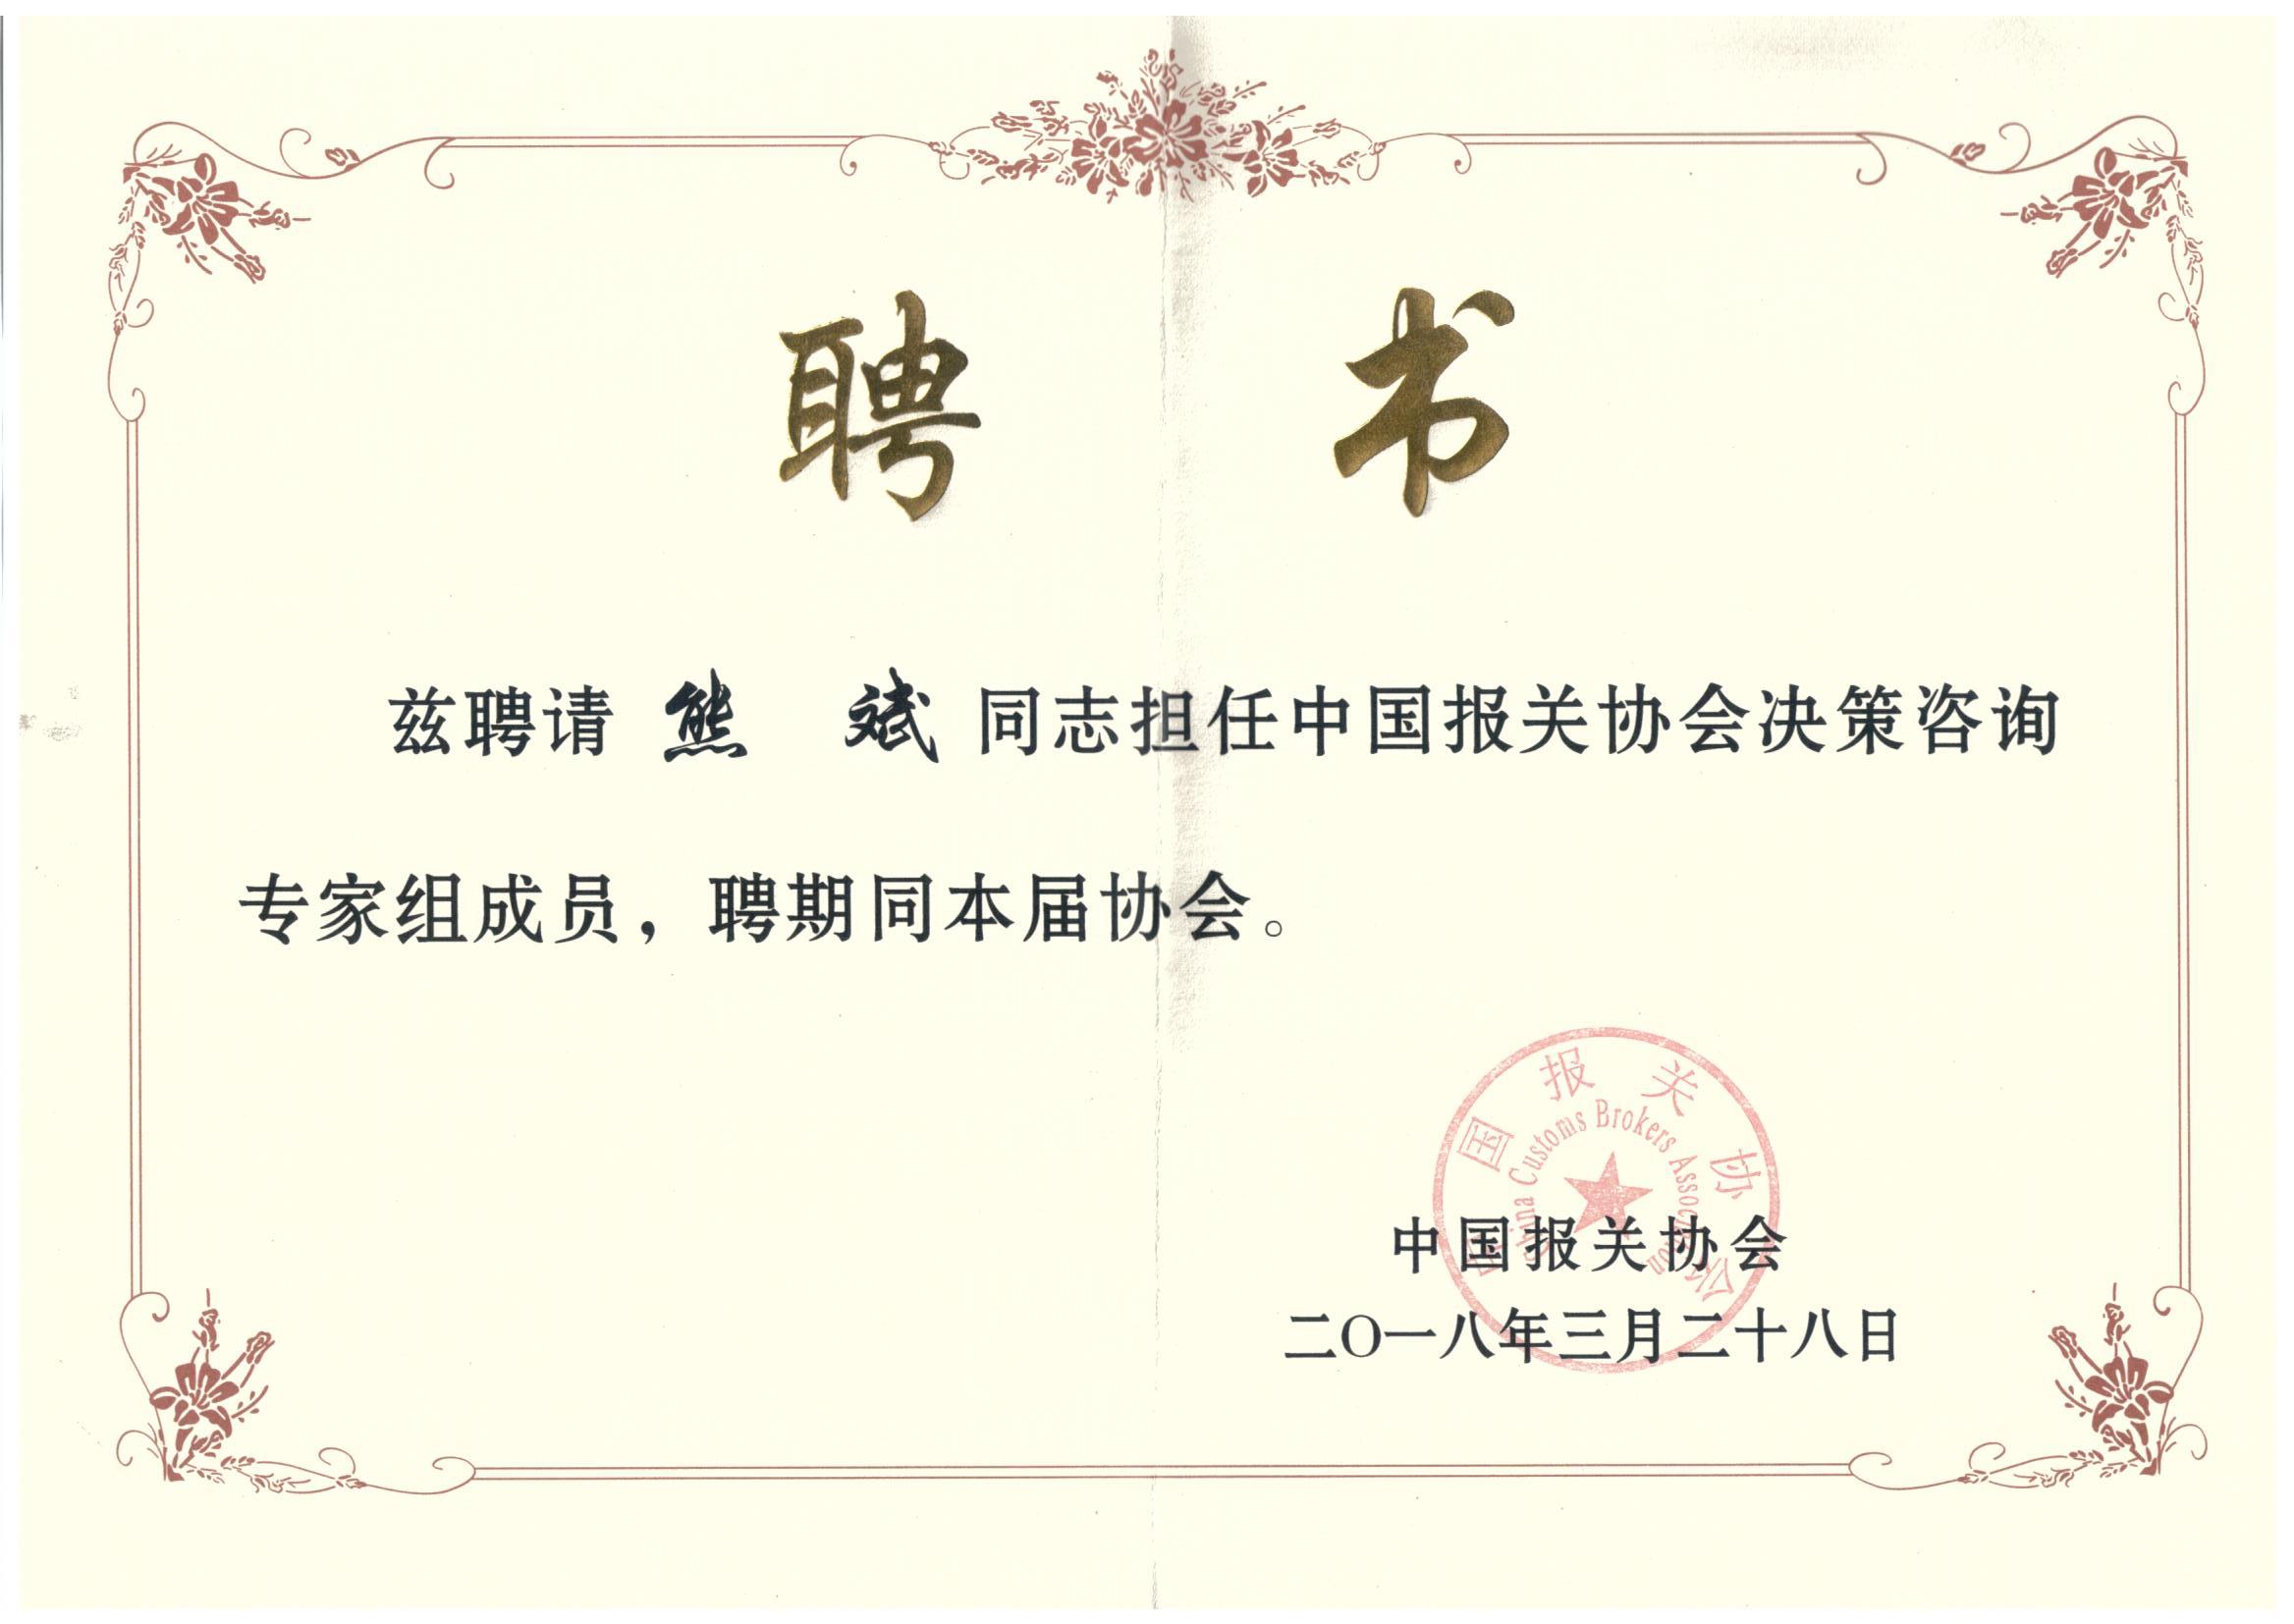 动态 | 天地纵横CEO&创始合伙人熊斌先生受聘中国报关协会决策咨询专家组成员